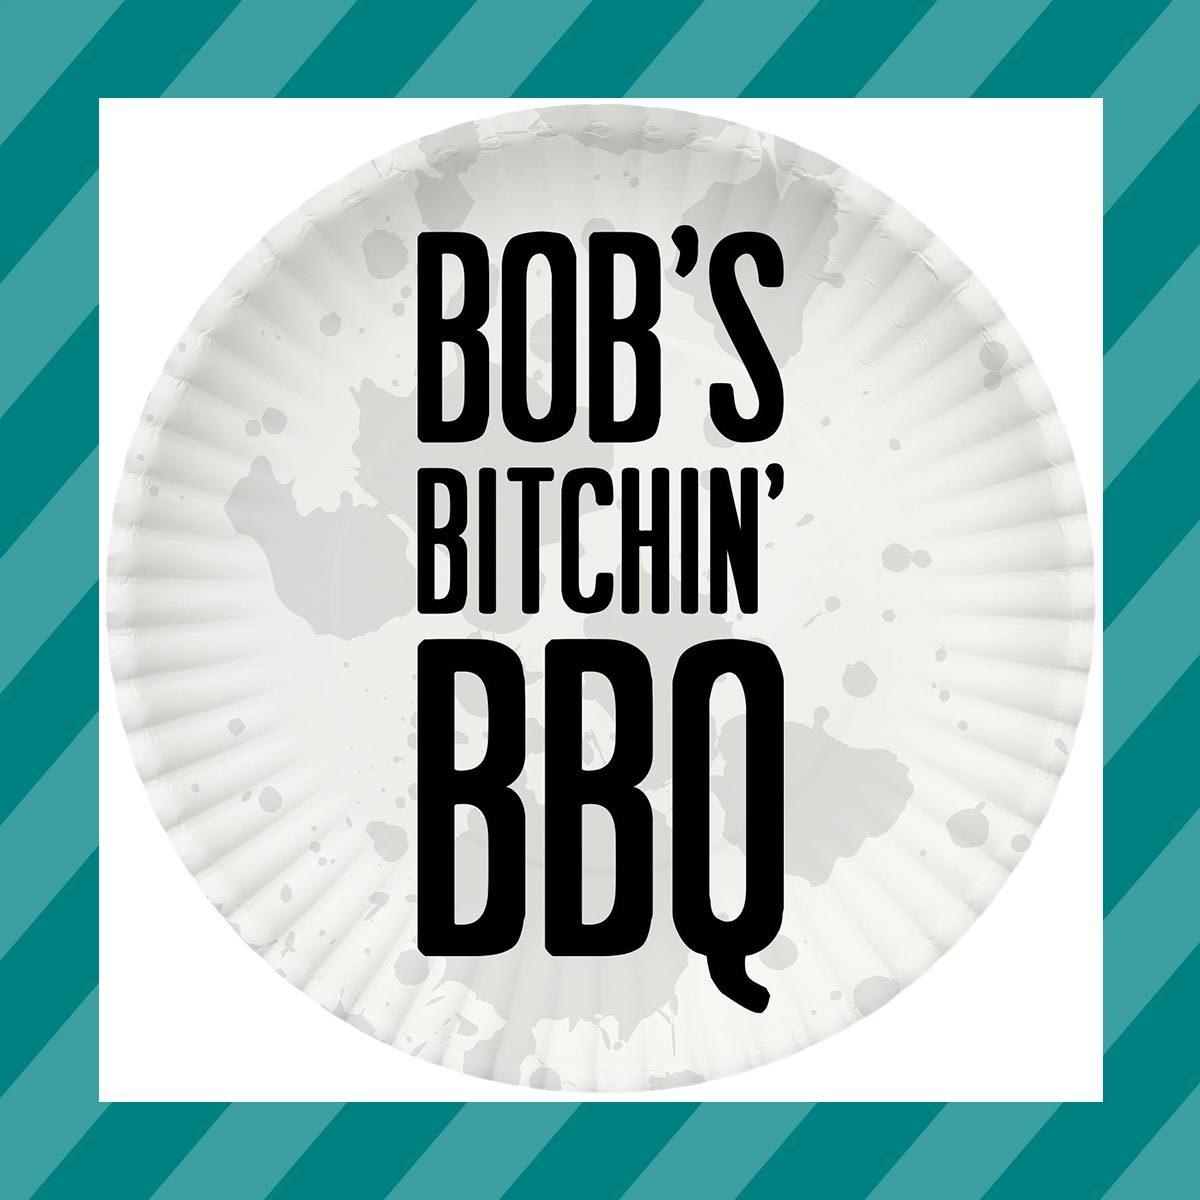 Bob's Bitchin' BBQ